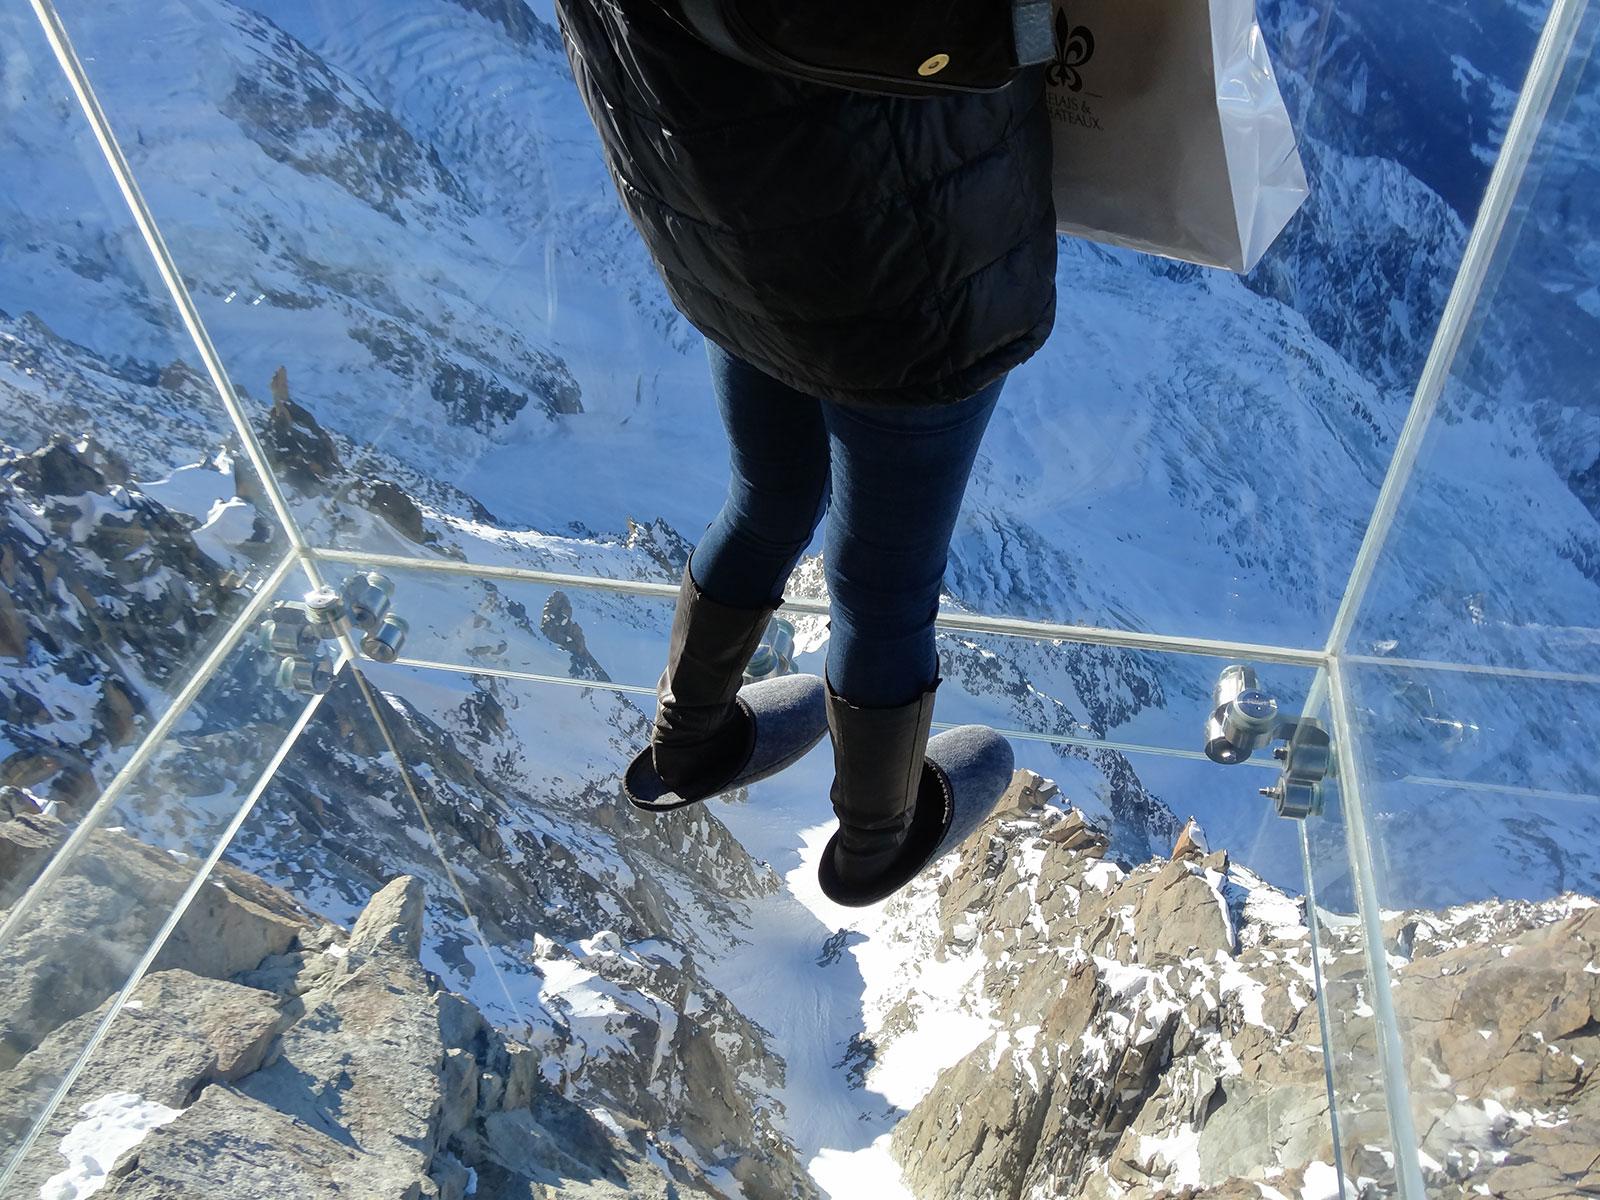 T 233 L 233 Ph 233 Rique De L Aiguille Du Midi Savoie Mont Blanc